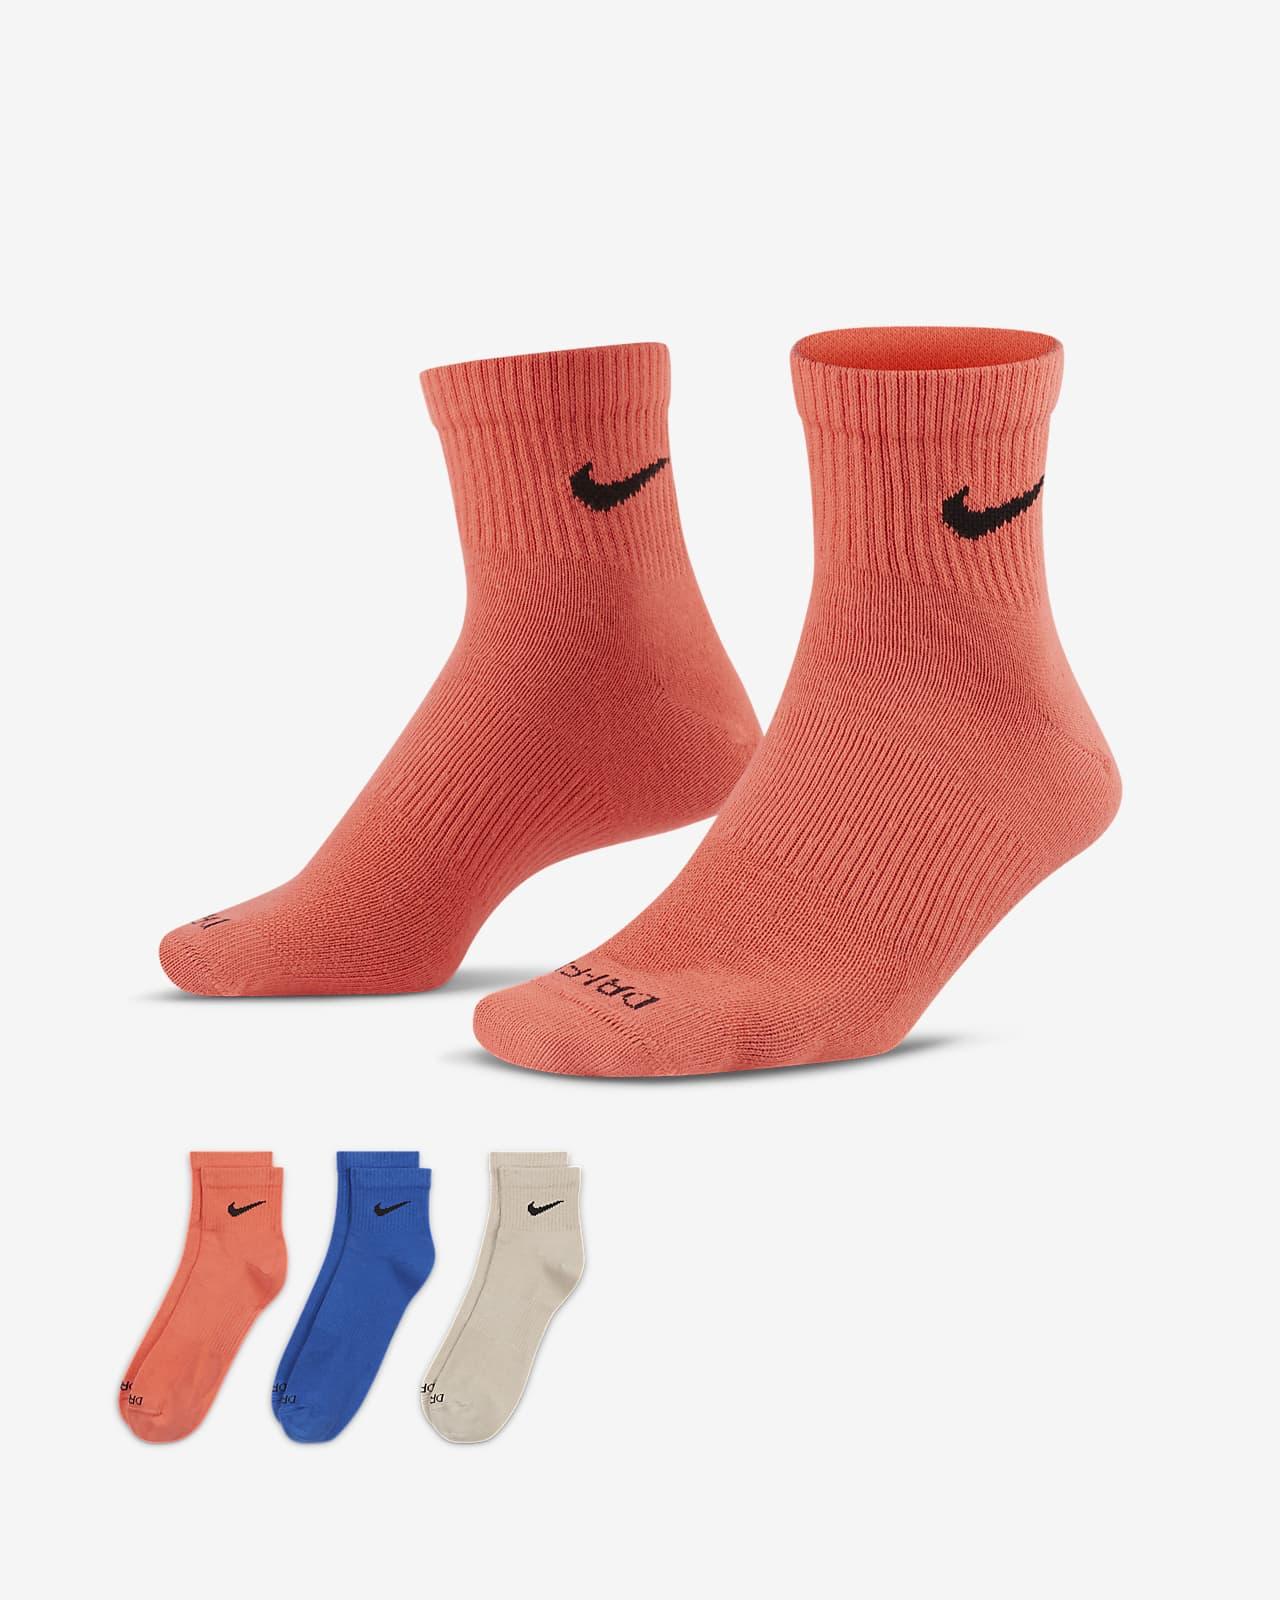 Κάλτσες προπόνησης μέχρι τον αστράγαλο Nike Everyday Plus Lightweight (τρία ζευγάρια)